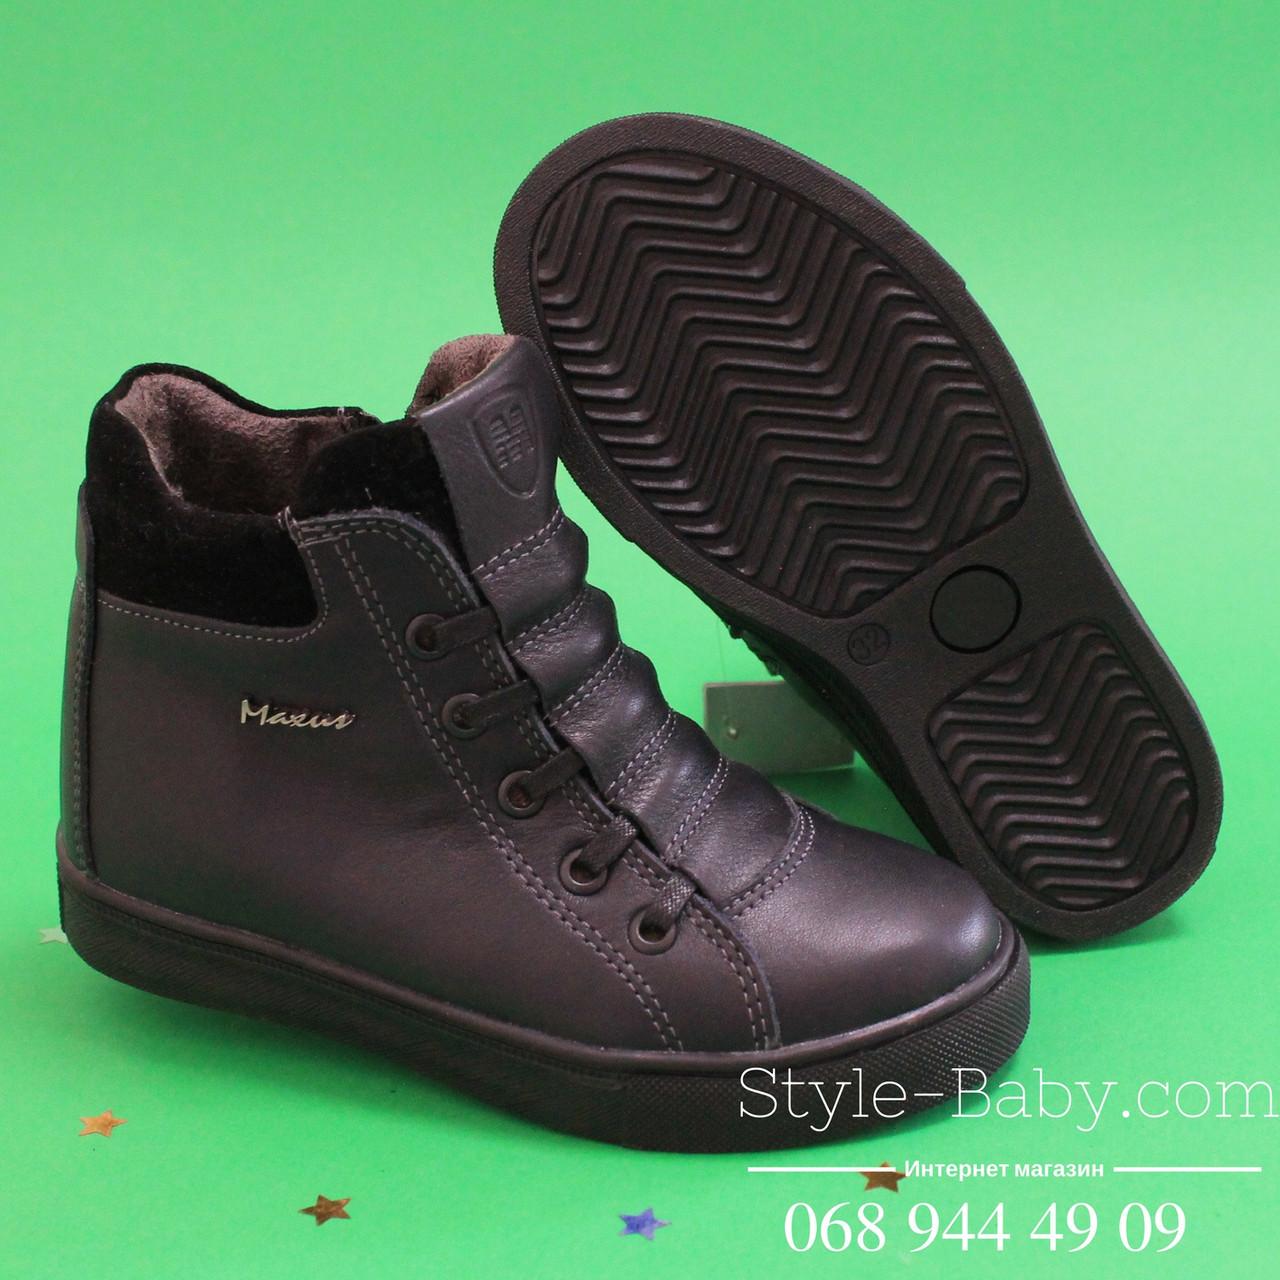 Кожаные зимние синие ботинки для мальчика тм Maxus р.33